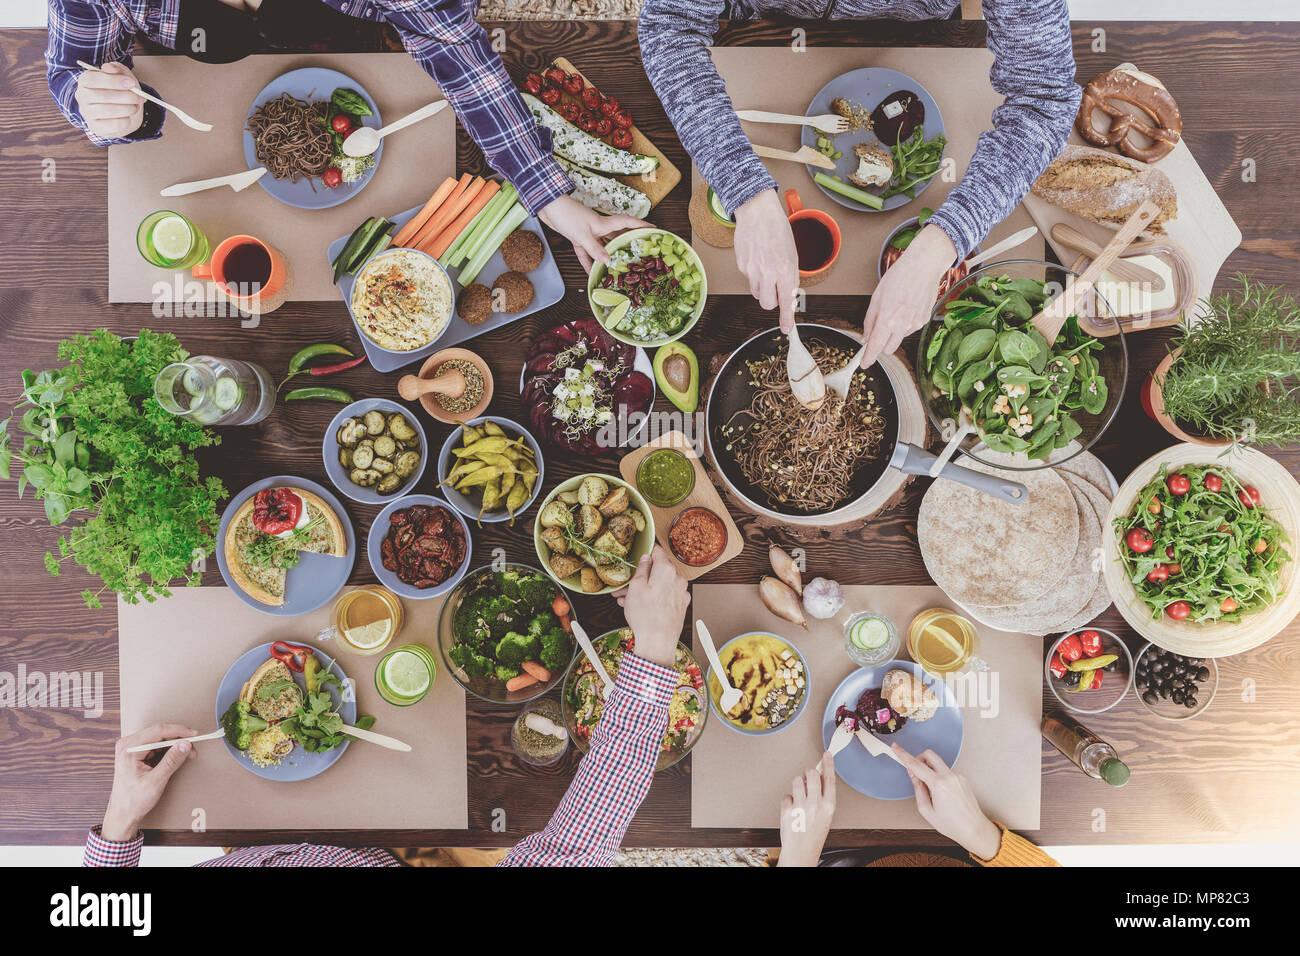 Les personnes bénéficiant de repas de famille au restaurant végétarien Photo Stock